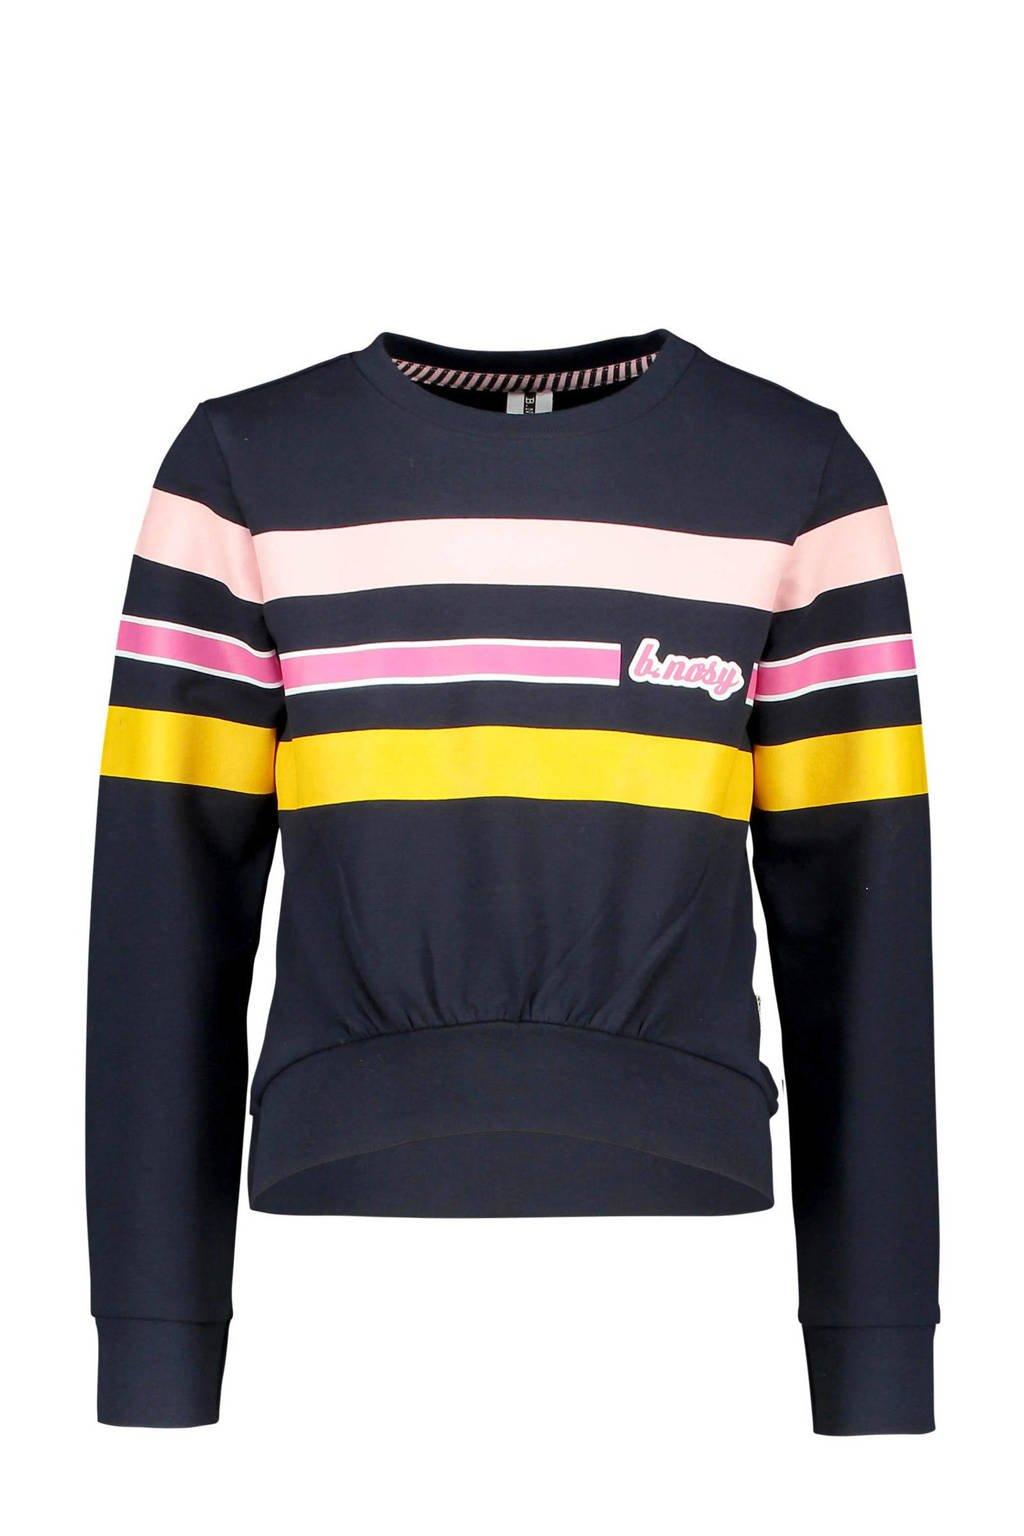 B.Nosy gestreepte sweater nachtblauw/roze/geel, Nachtblauw/roze/geel